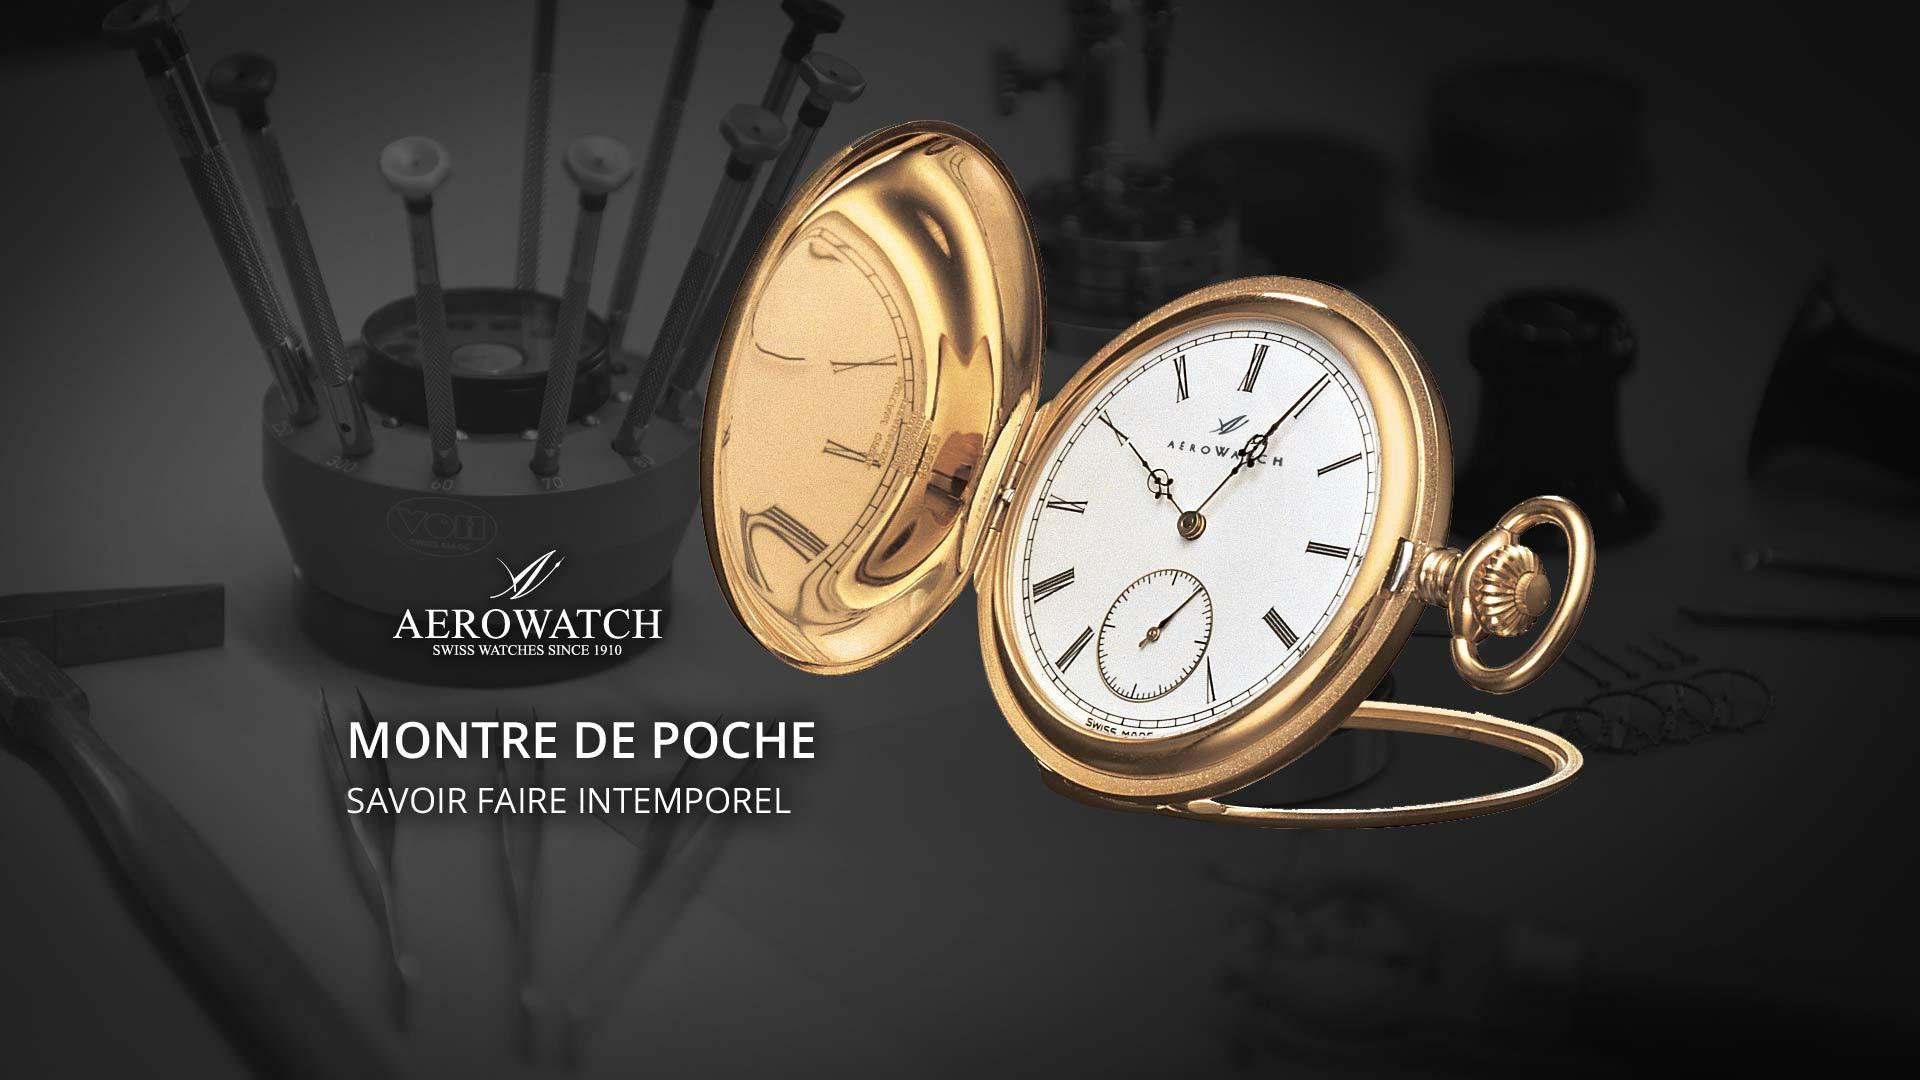 Taschenuhren, Pocket Watches